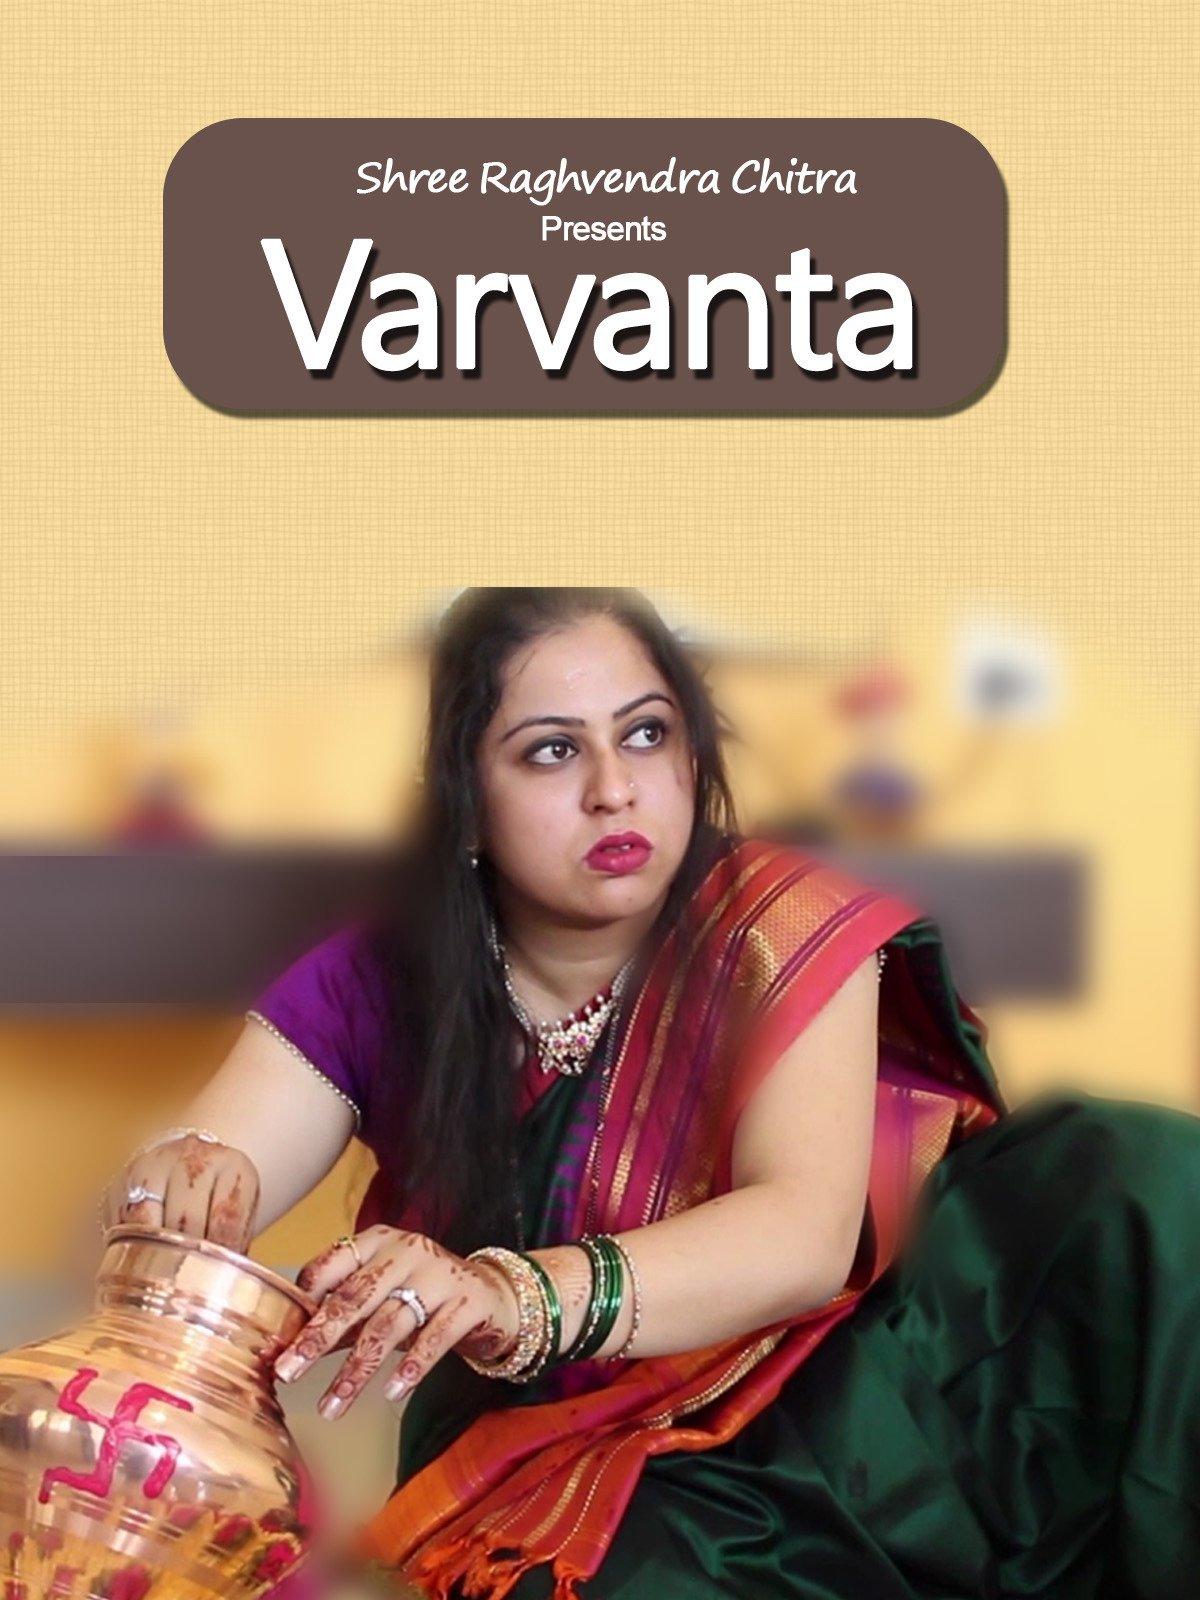 Varvanta